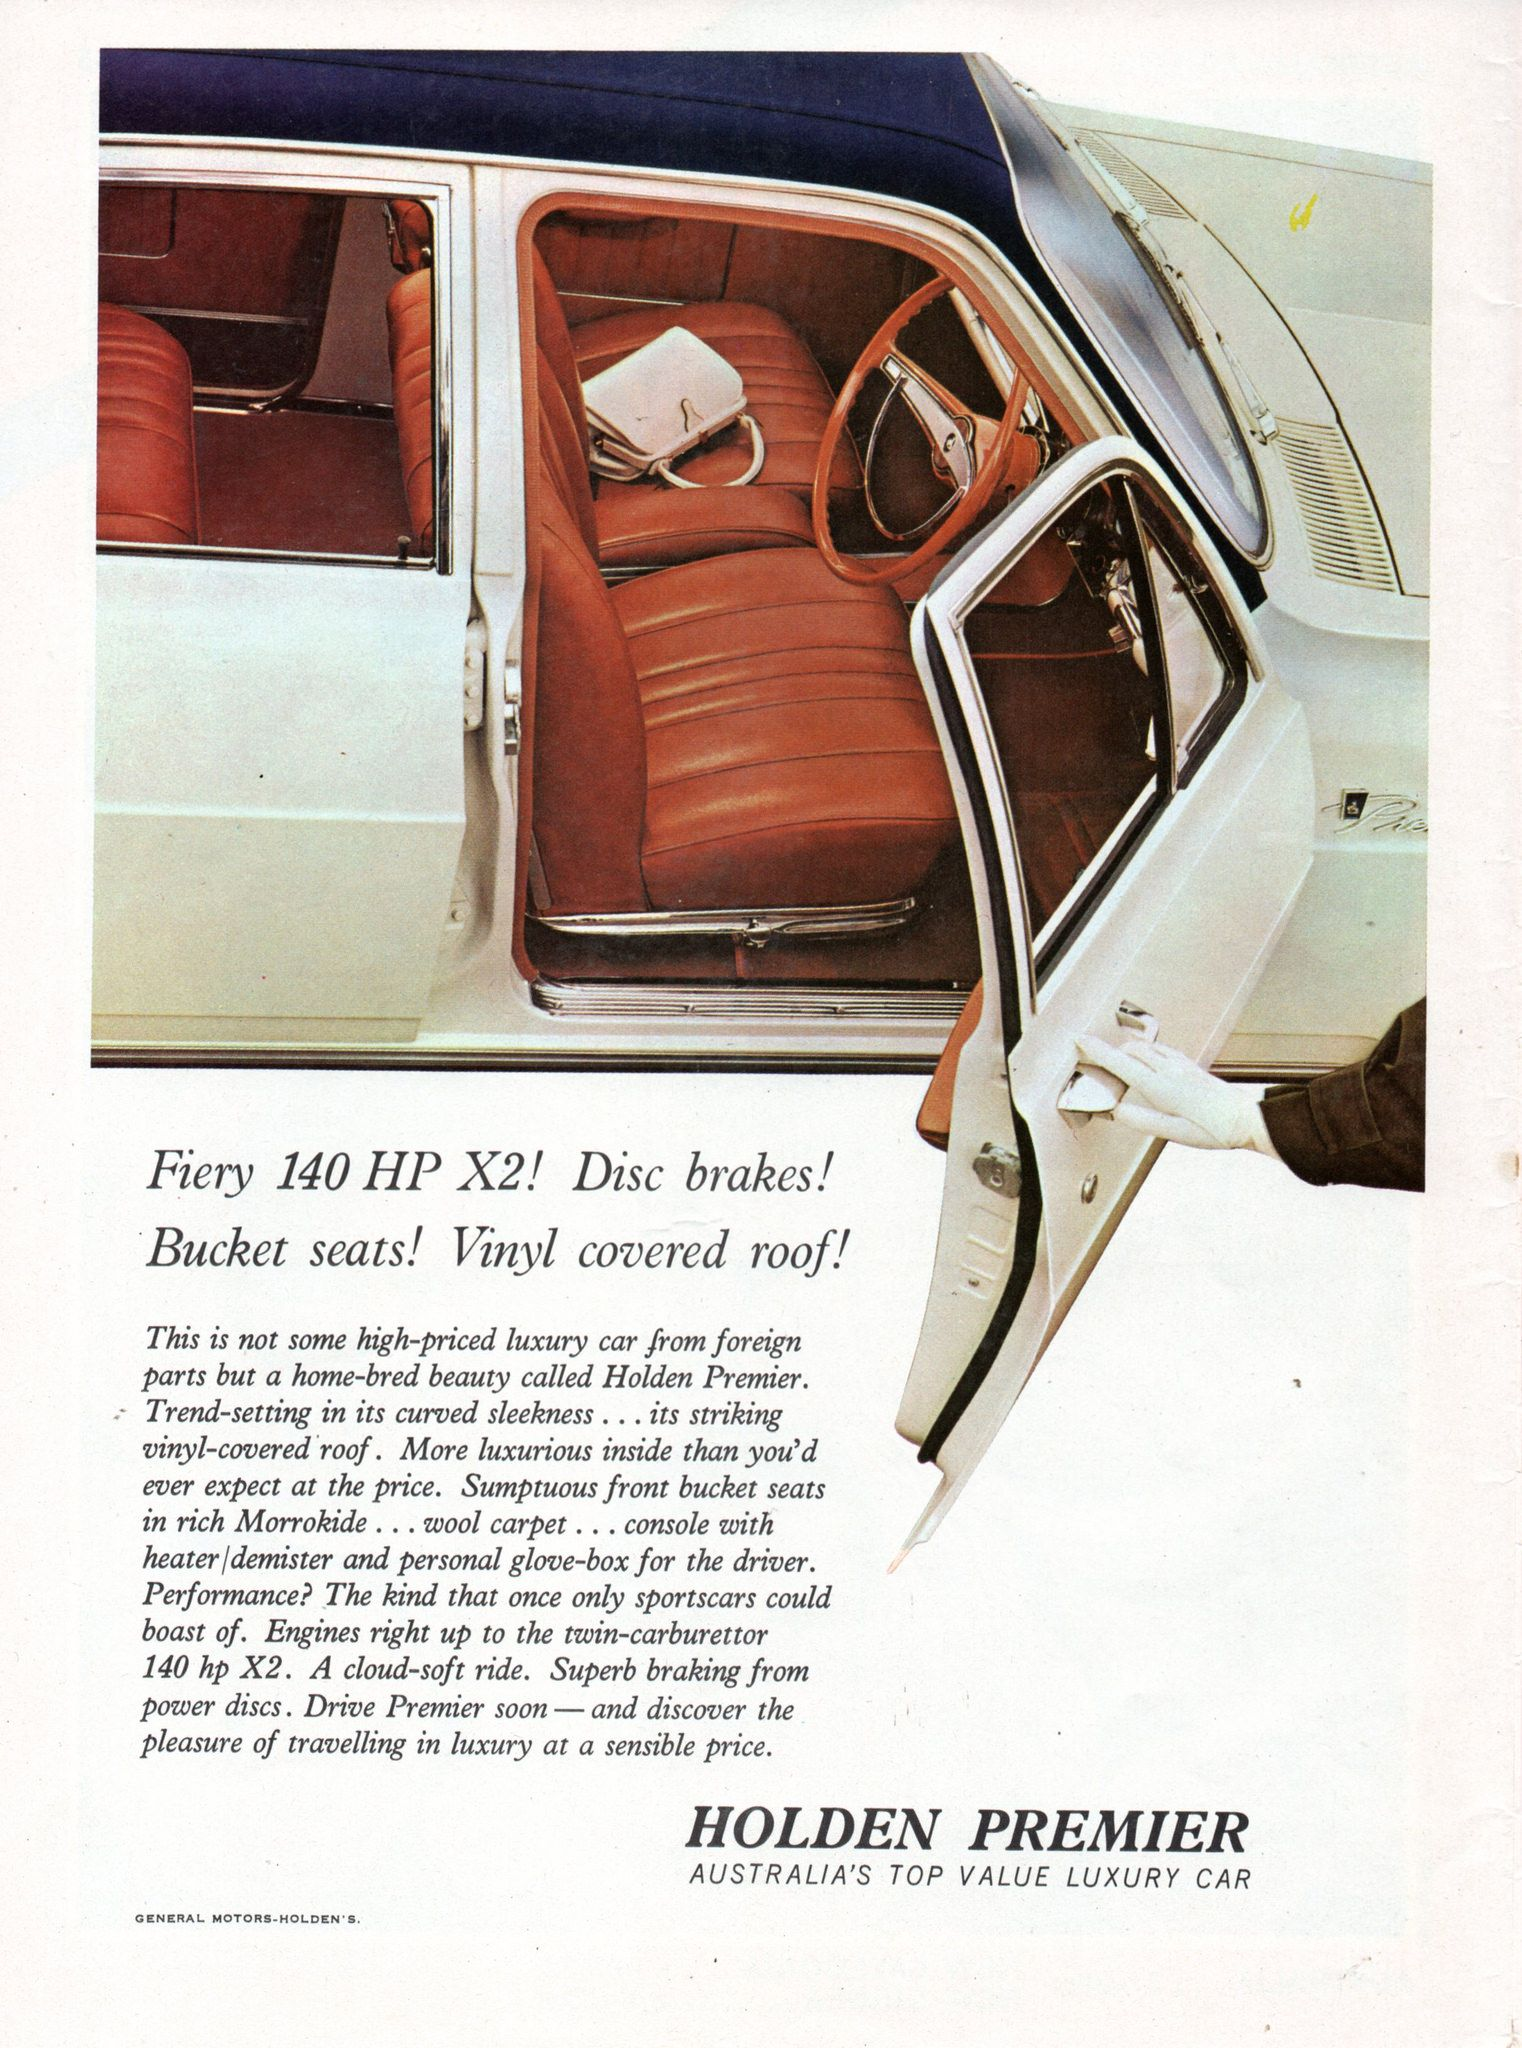 1965 Hd Holden Premier X2 Aussie Original Magazine Advertisement Holden Premier Holden Australia Australian Cars [ 2048 x 1522 Pixel ]